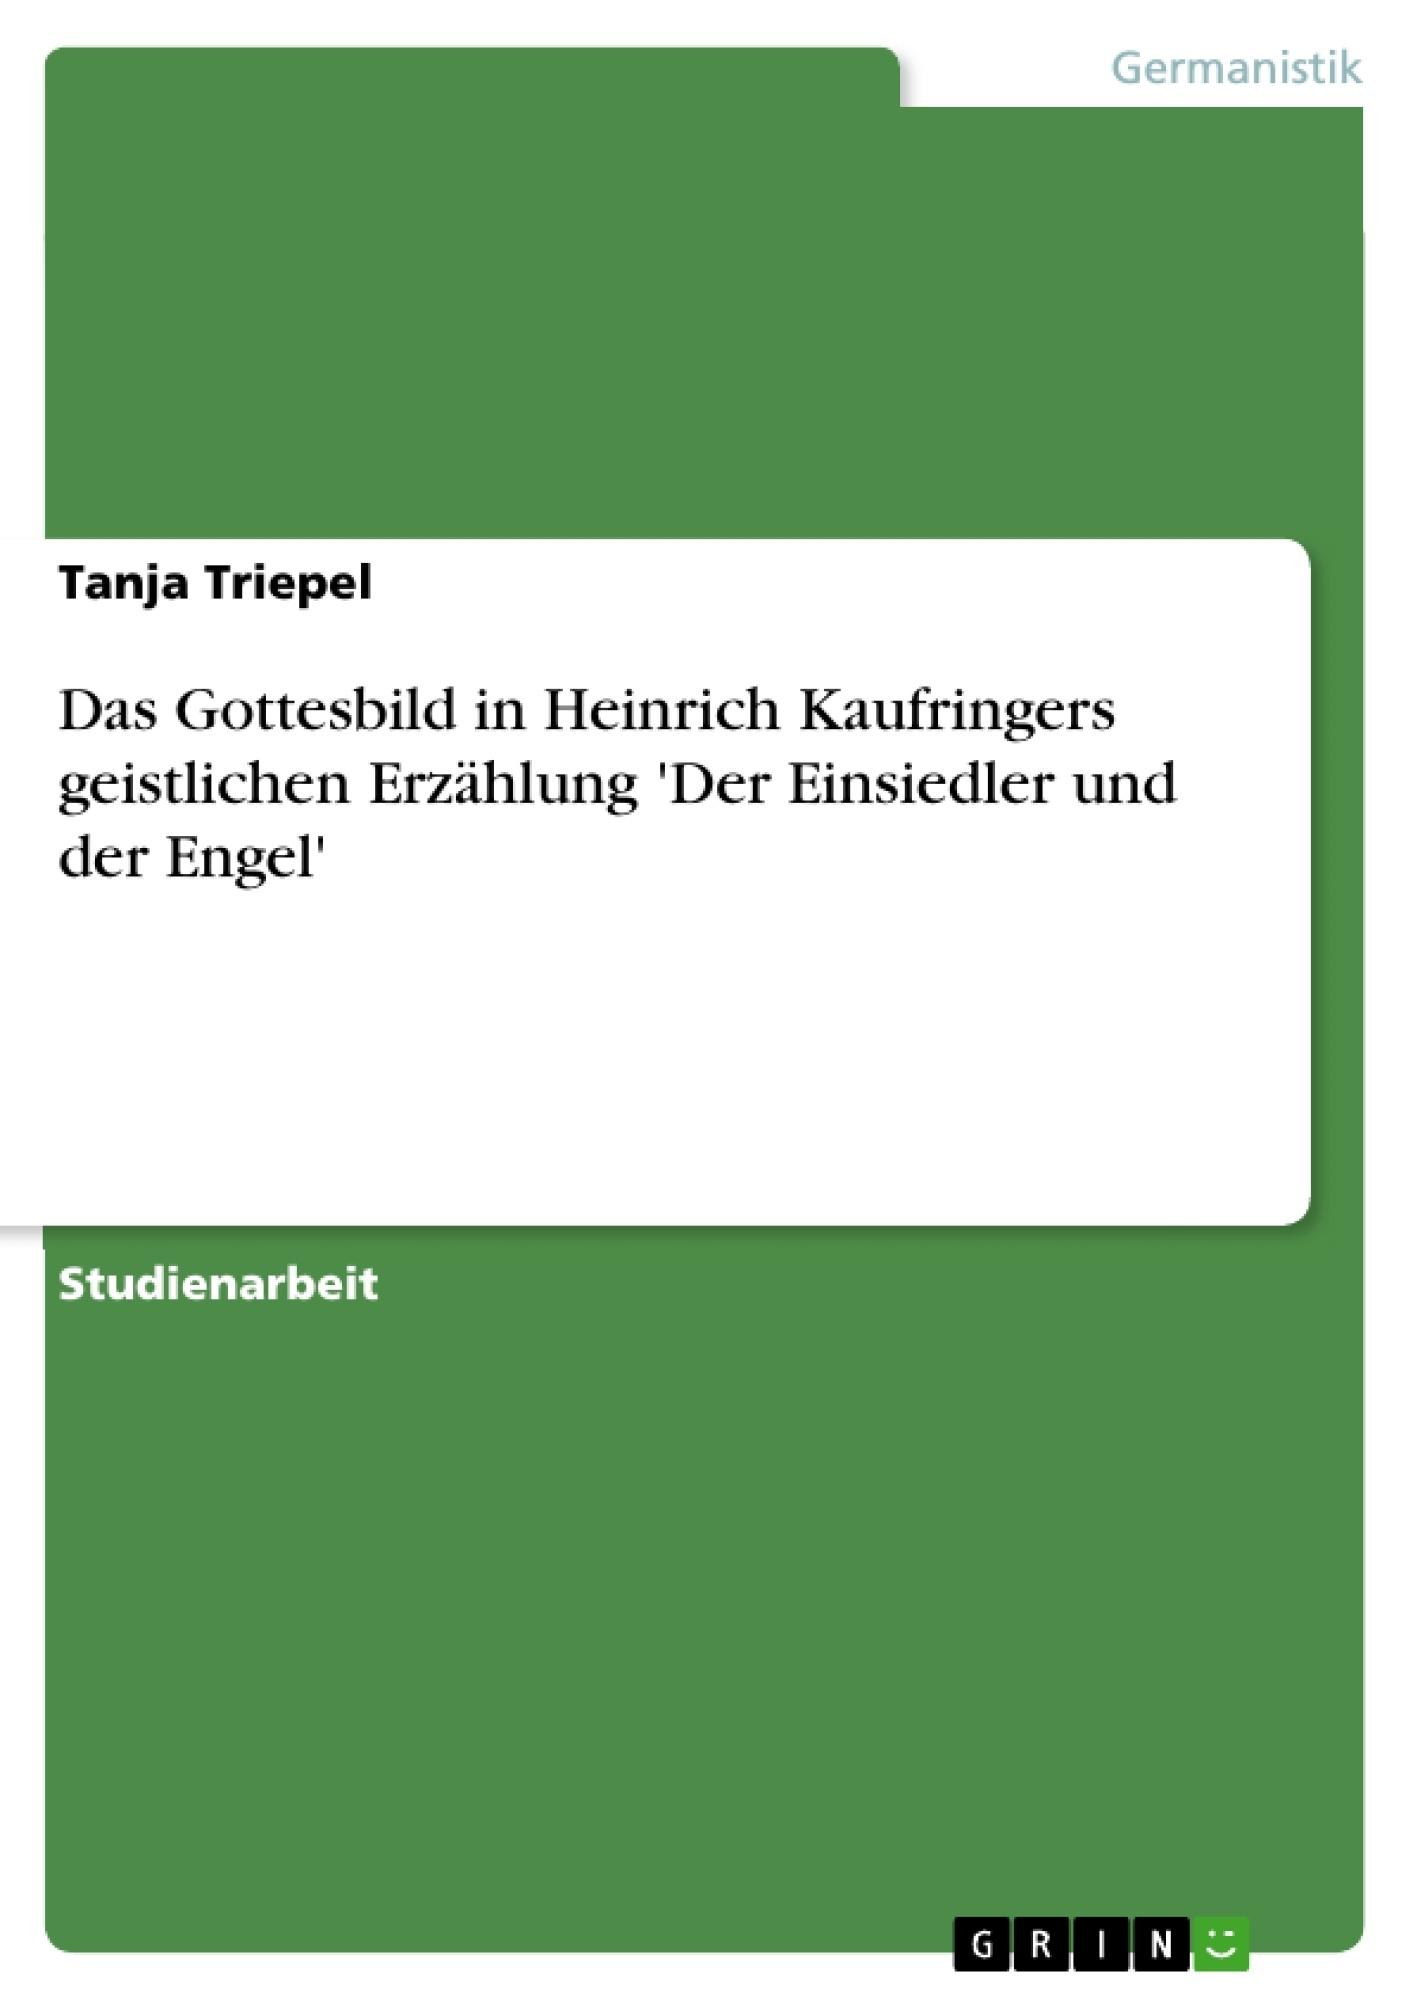 Titel: Das Gottesbild in Heinrich Kaufringers geistlichen Erzählung 'Der Einsiedler und der Engel'